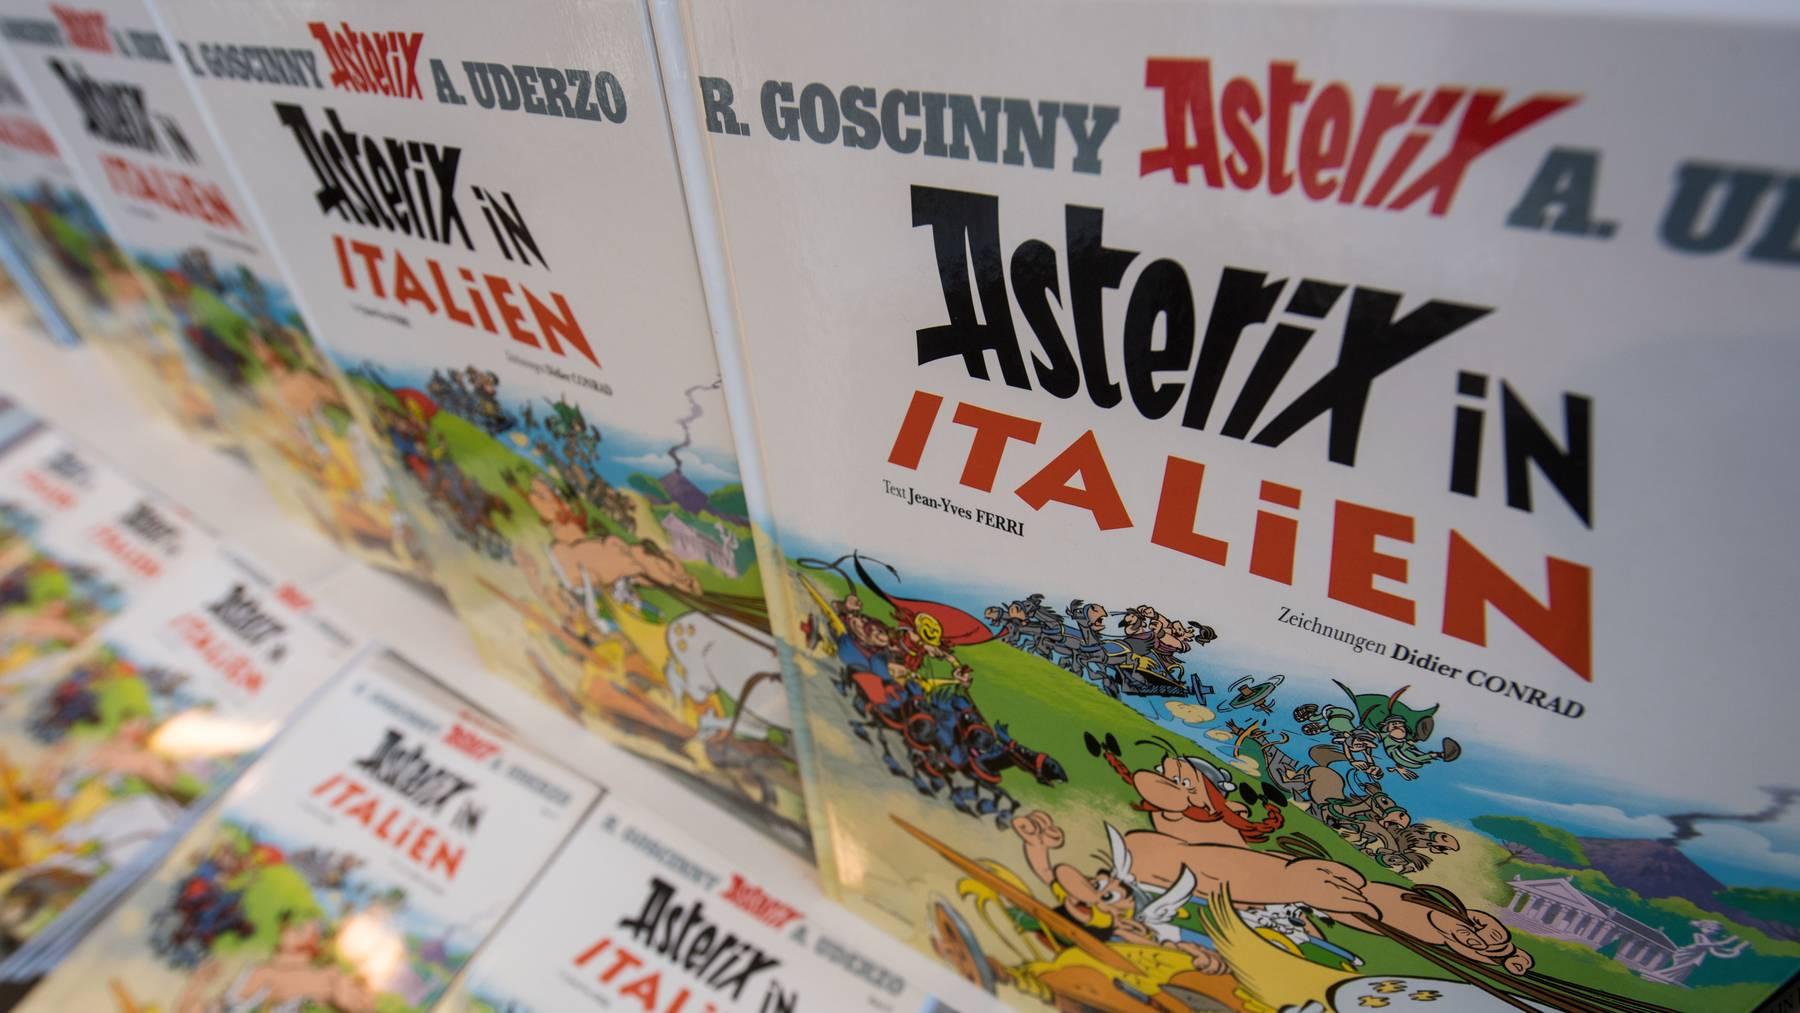 Wer kennt sie nicht - die Abenteuer von Asterix und Obelix?